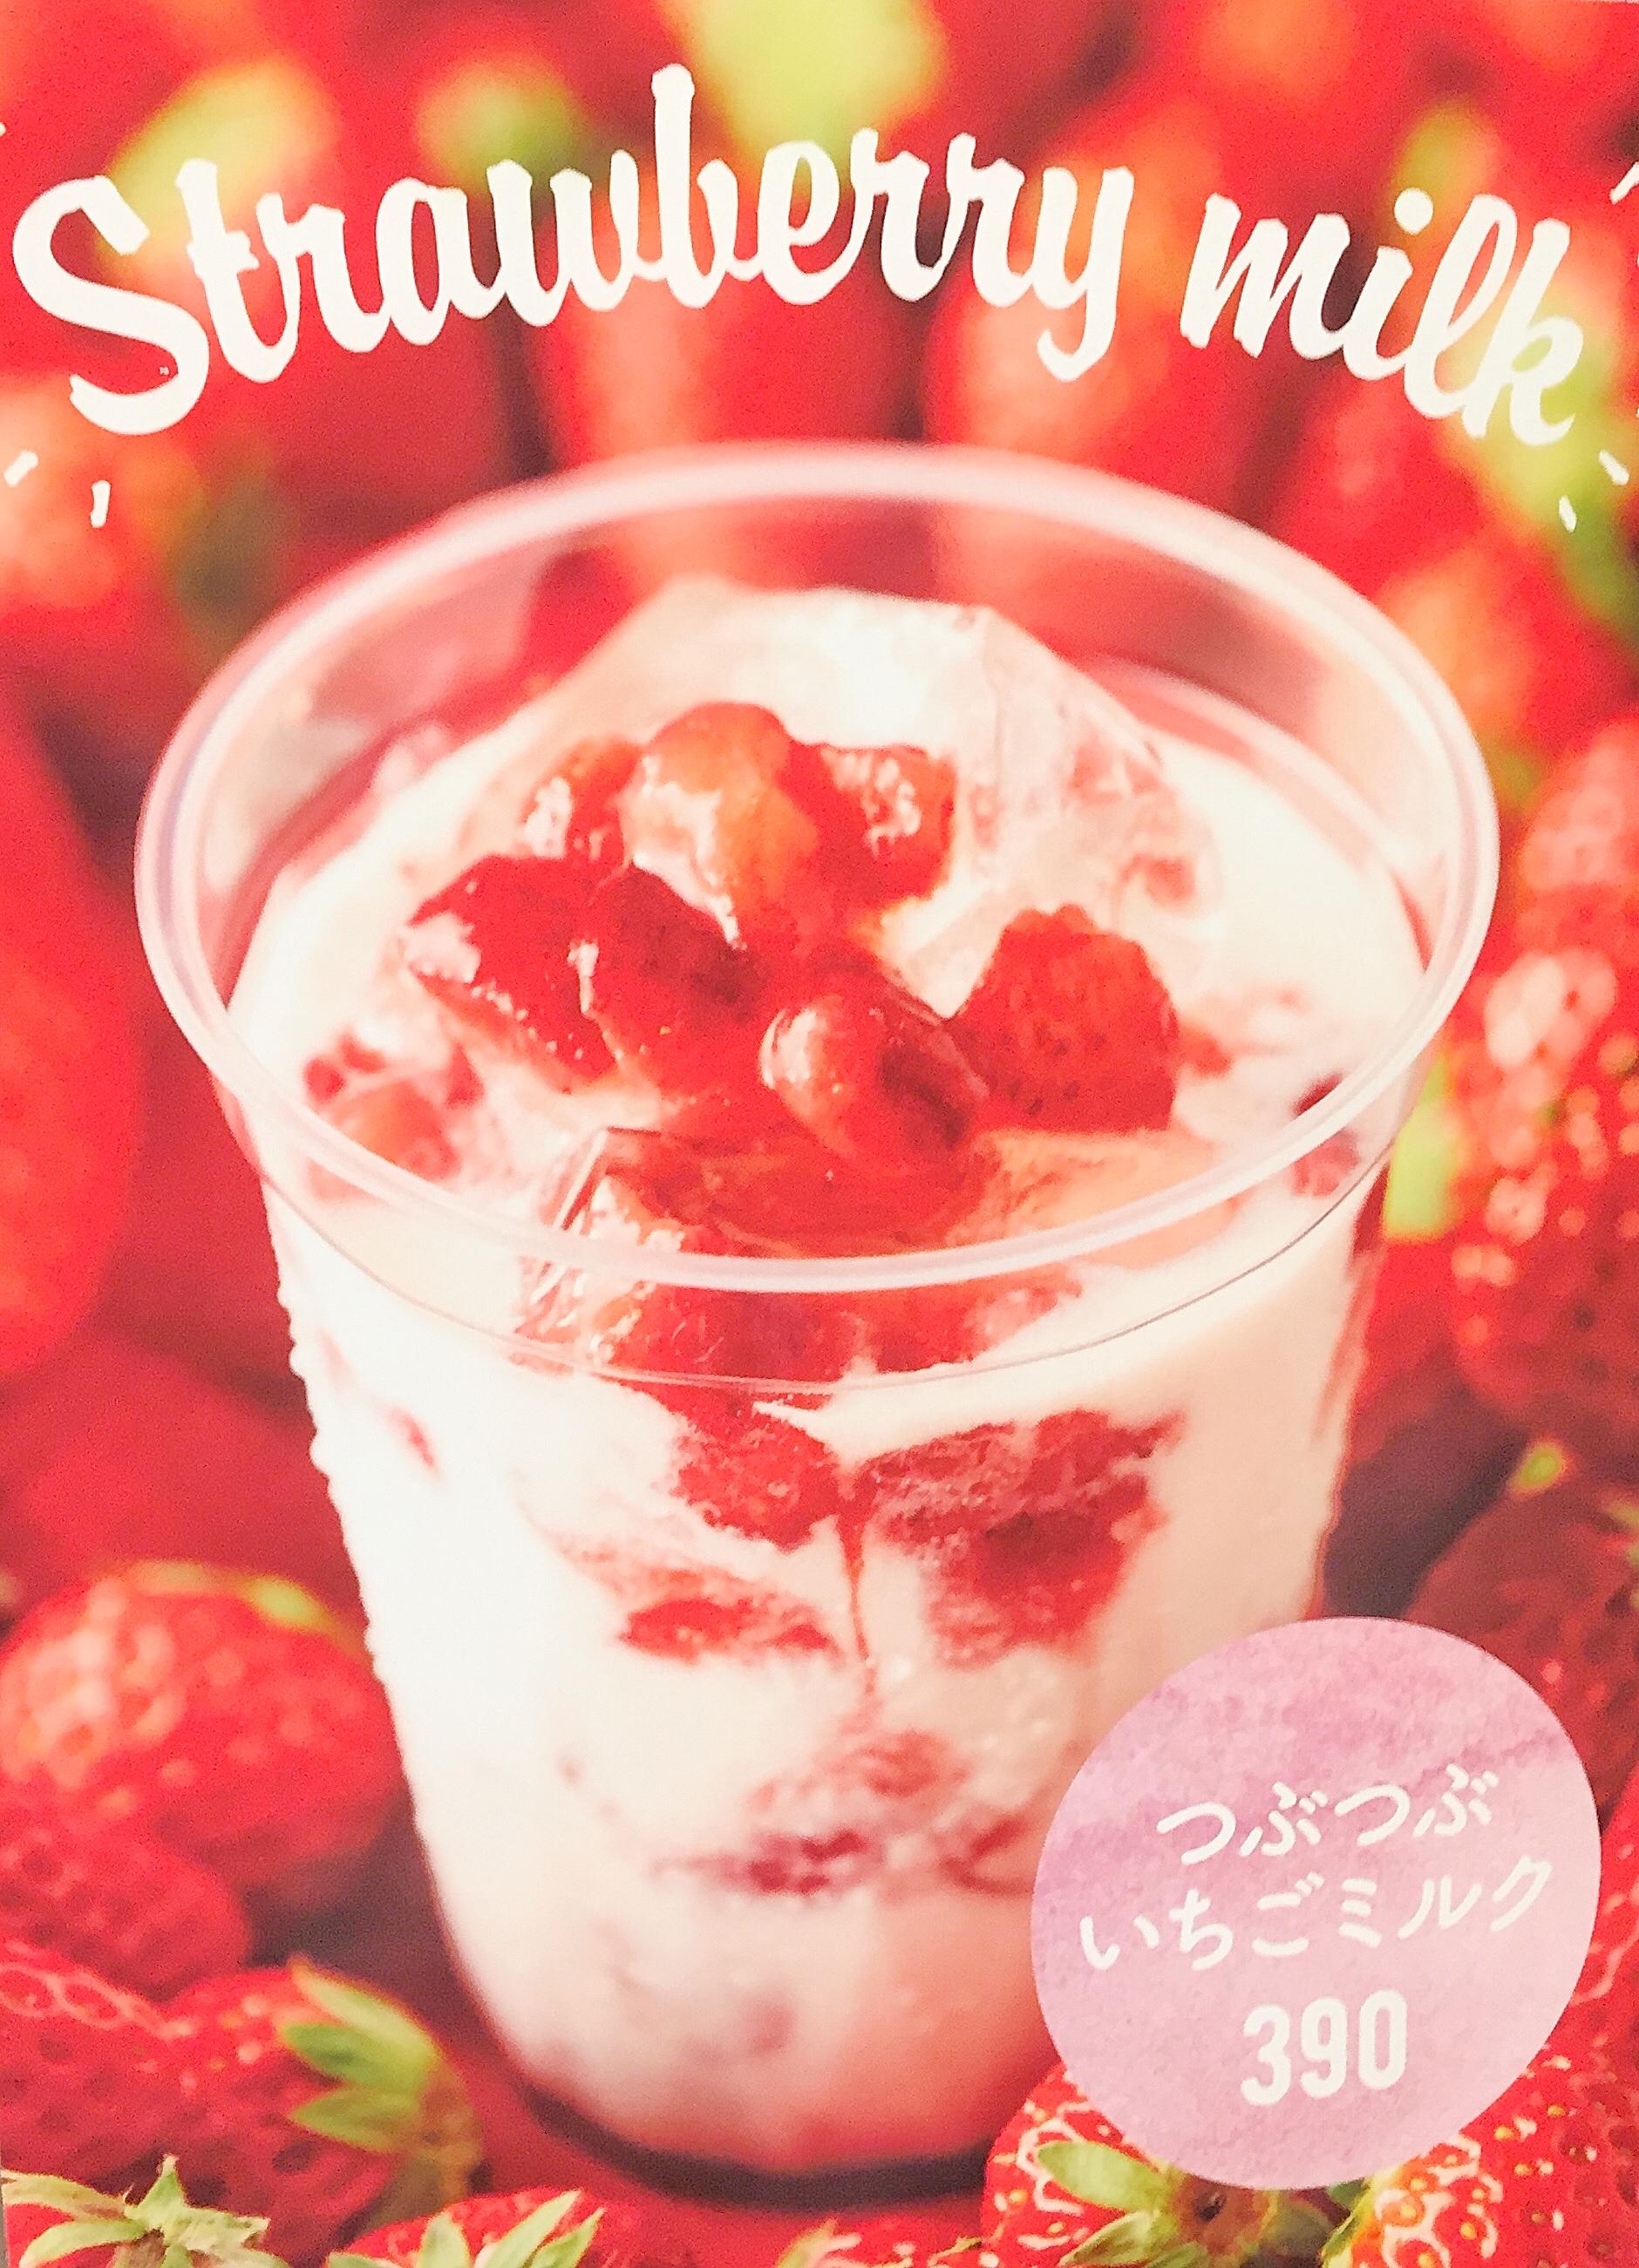 【今年もこの季節がやってきた♡】PRONTOのいちごミルクが超絶美味しい♡_1